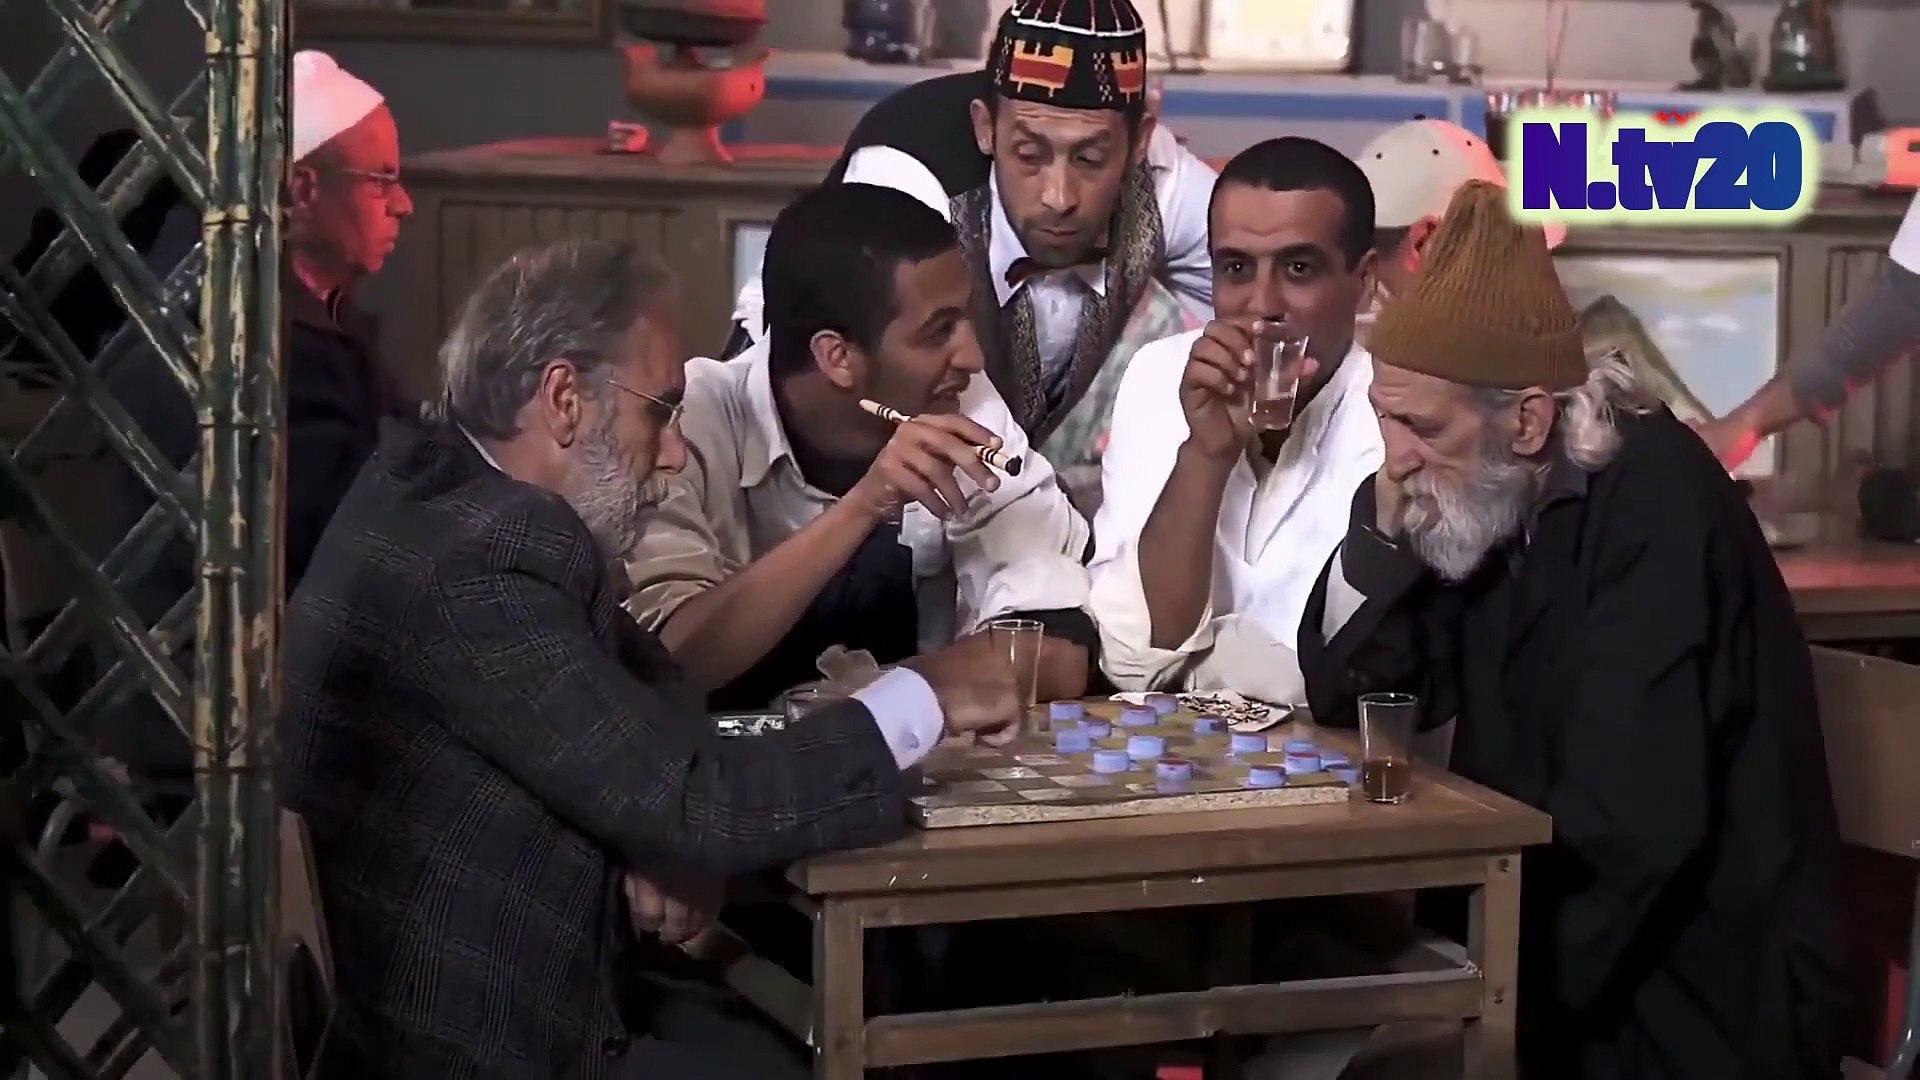 فيلم مغربي جناح الهوى الحلقة الاولى